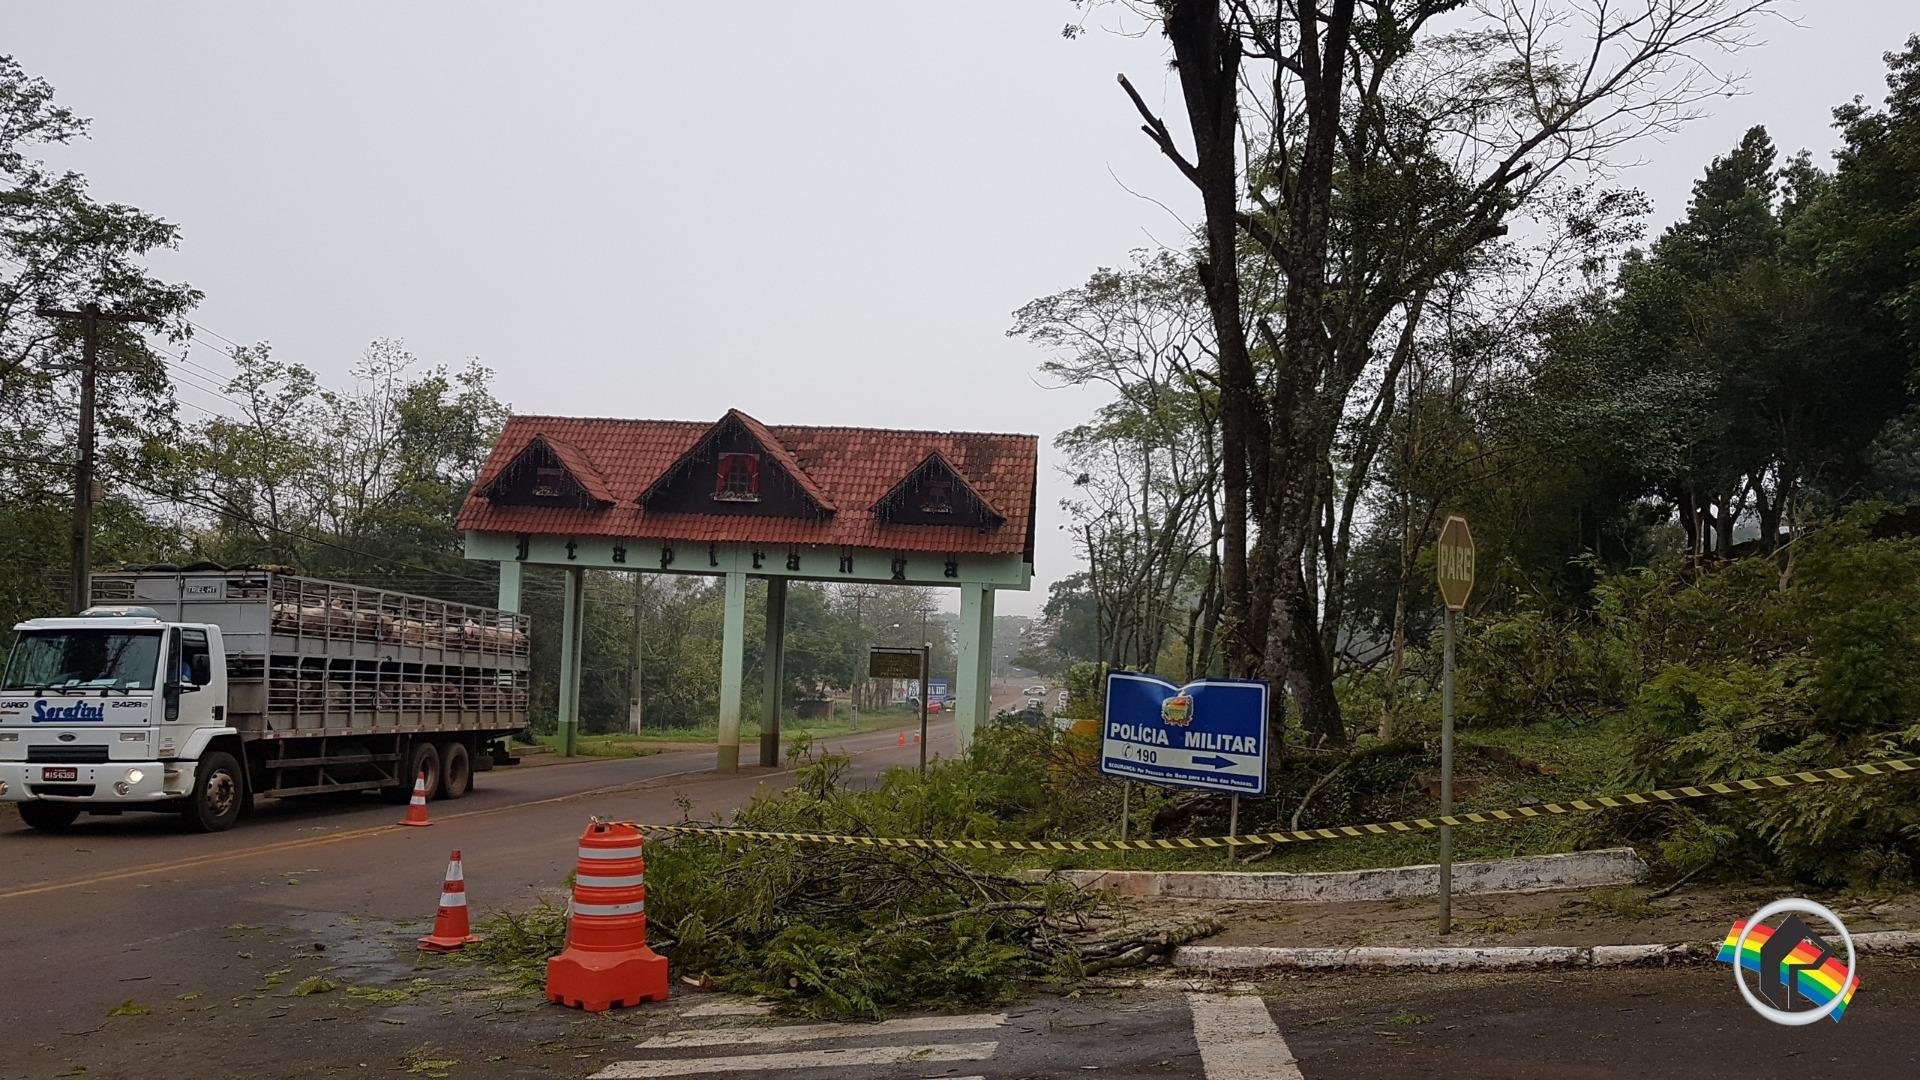 Setor de urbanismo realiza poda de árvores